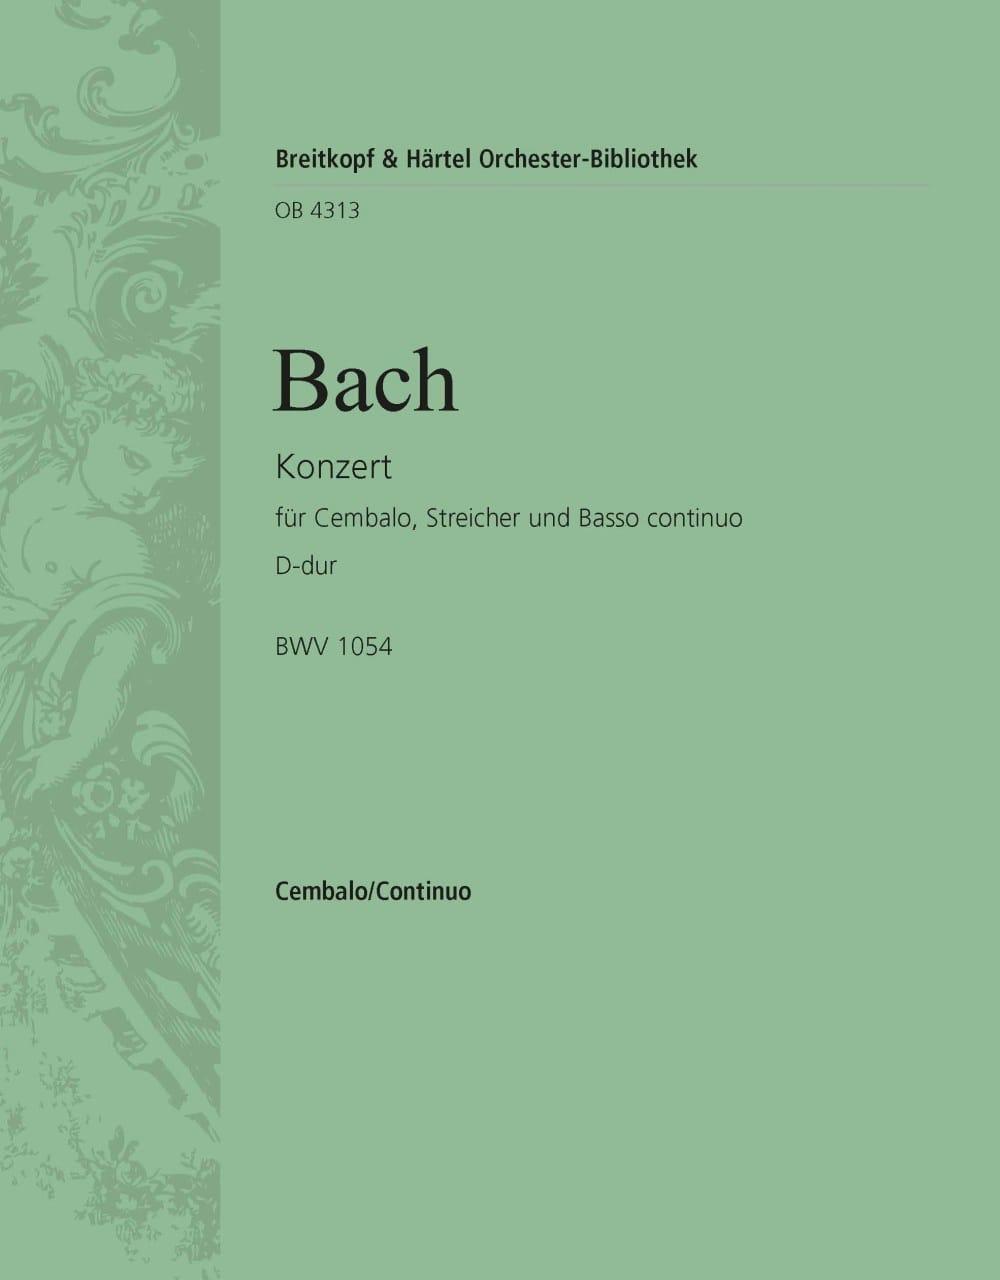 Concerto Pour Clavier En Ré Majeur BWV 1054. - BACH - laflutedepan.com